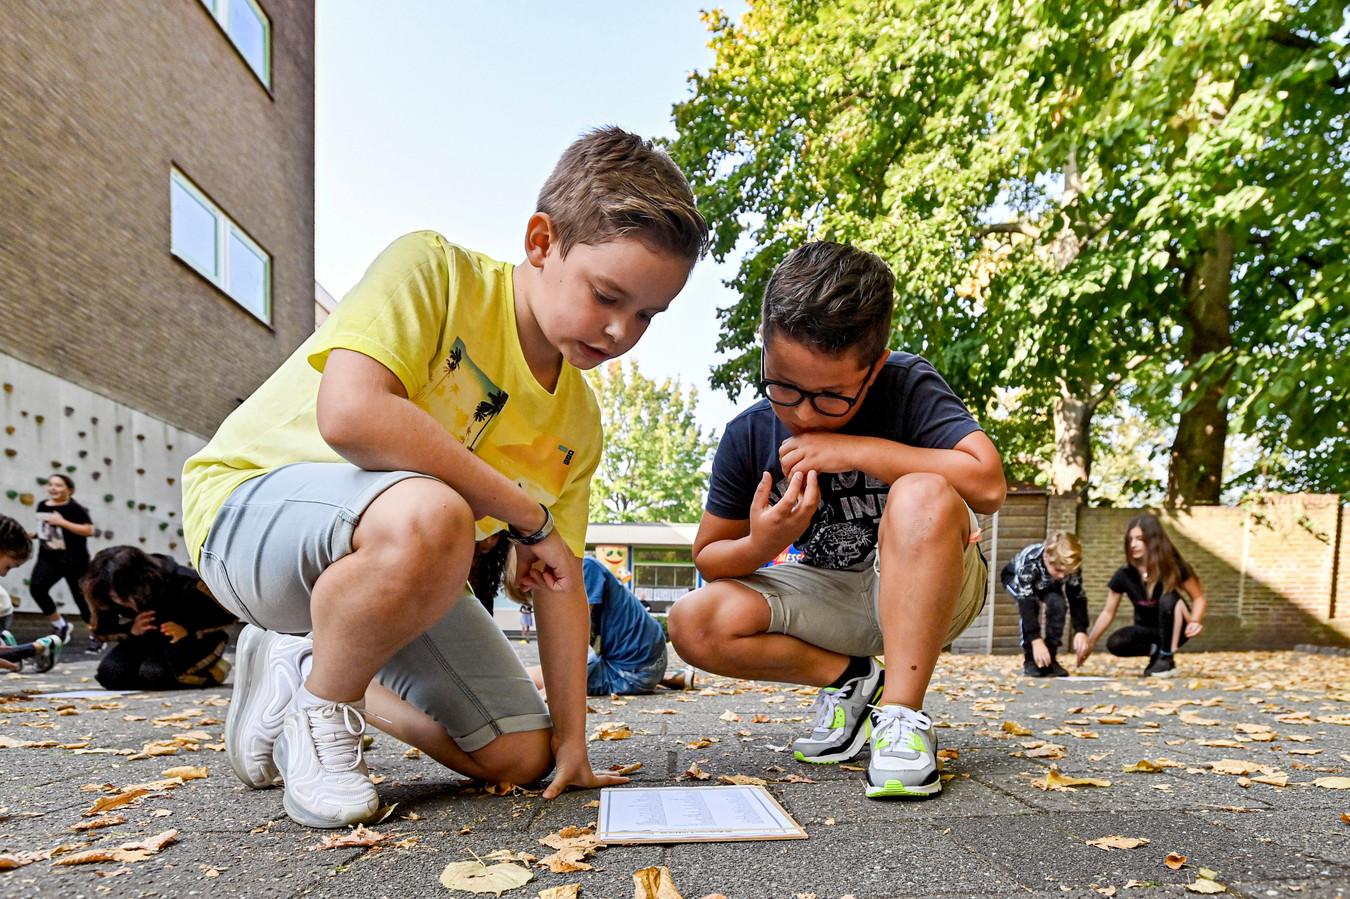 22-09-2020 - Roosendaal - Foto: Pix4Profs/Peter Braakmann - Kinderen van de Jeroen Boschschool krijgen vandaag buiten les. Op het terrein achter de school. Het is vandaag Nationale Buitenlesdag.